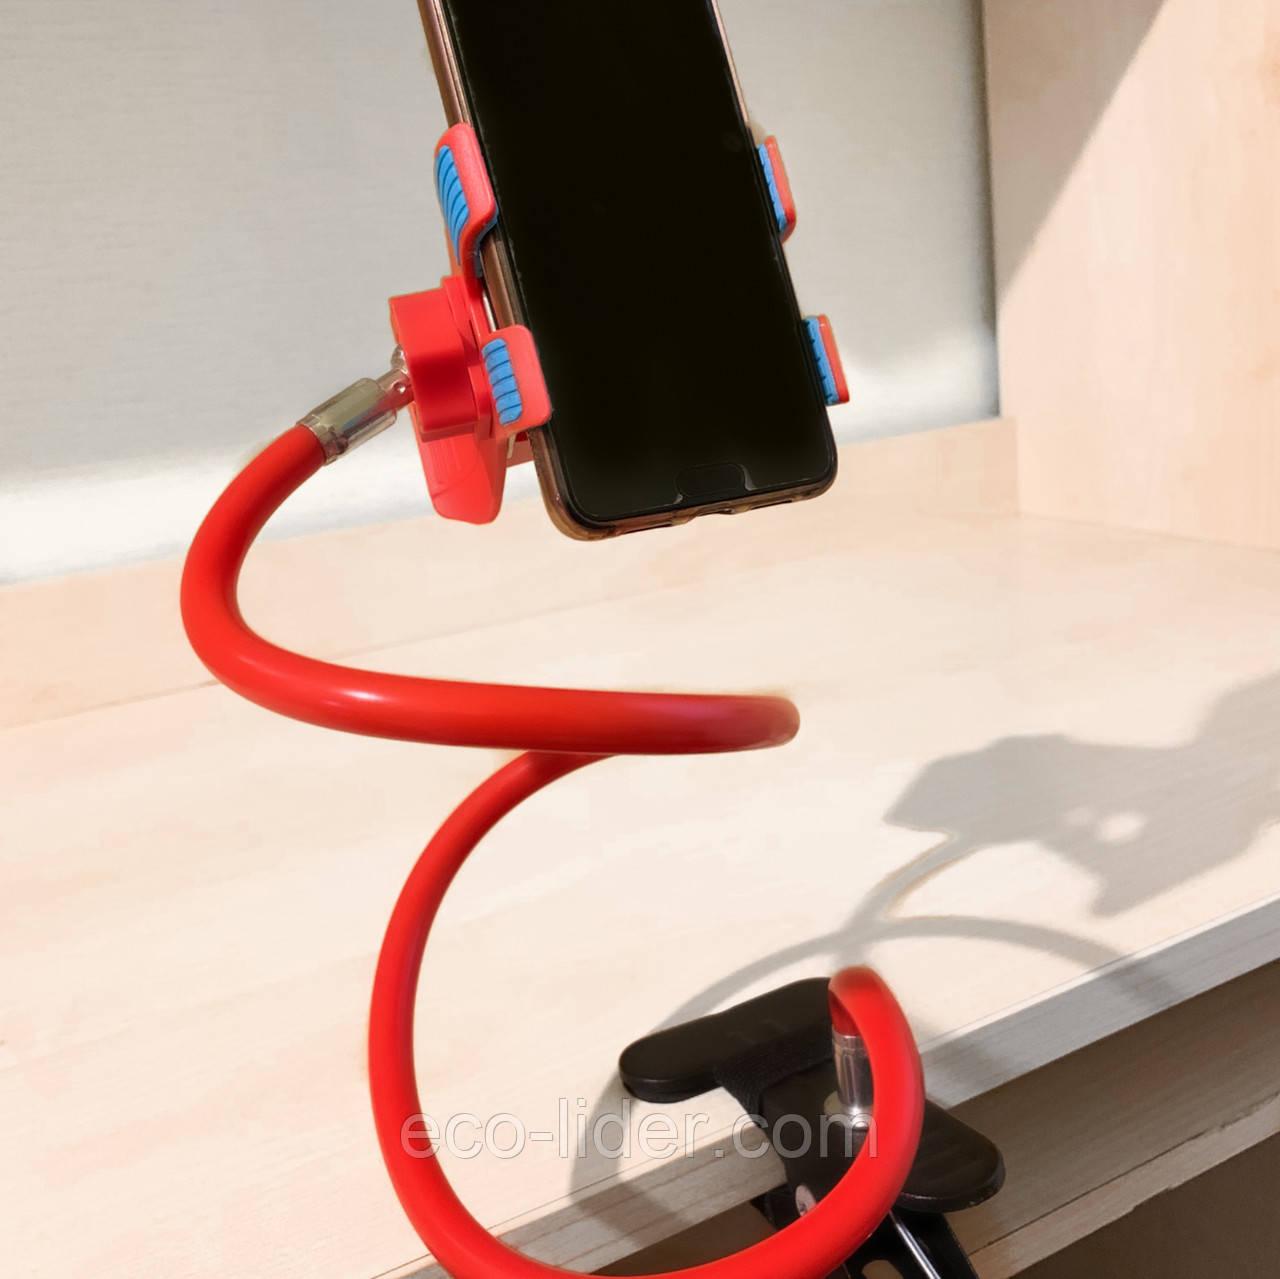 Гибкий держатель для телефона (усиленный) универсальный